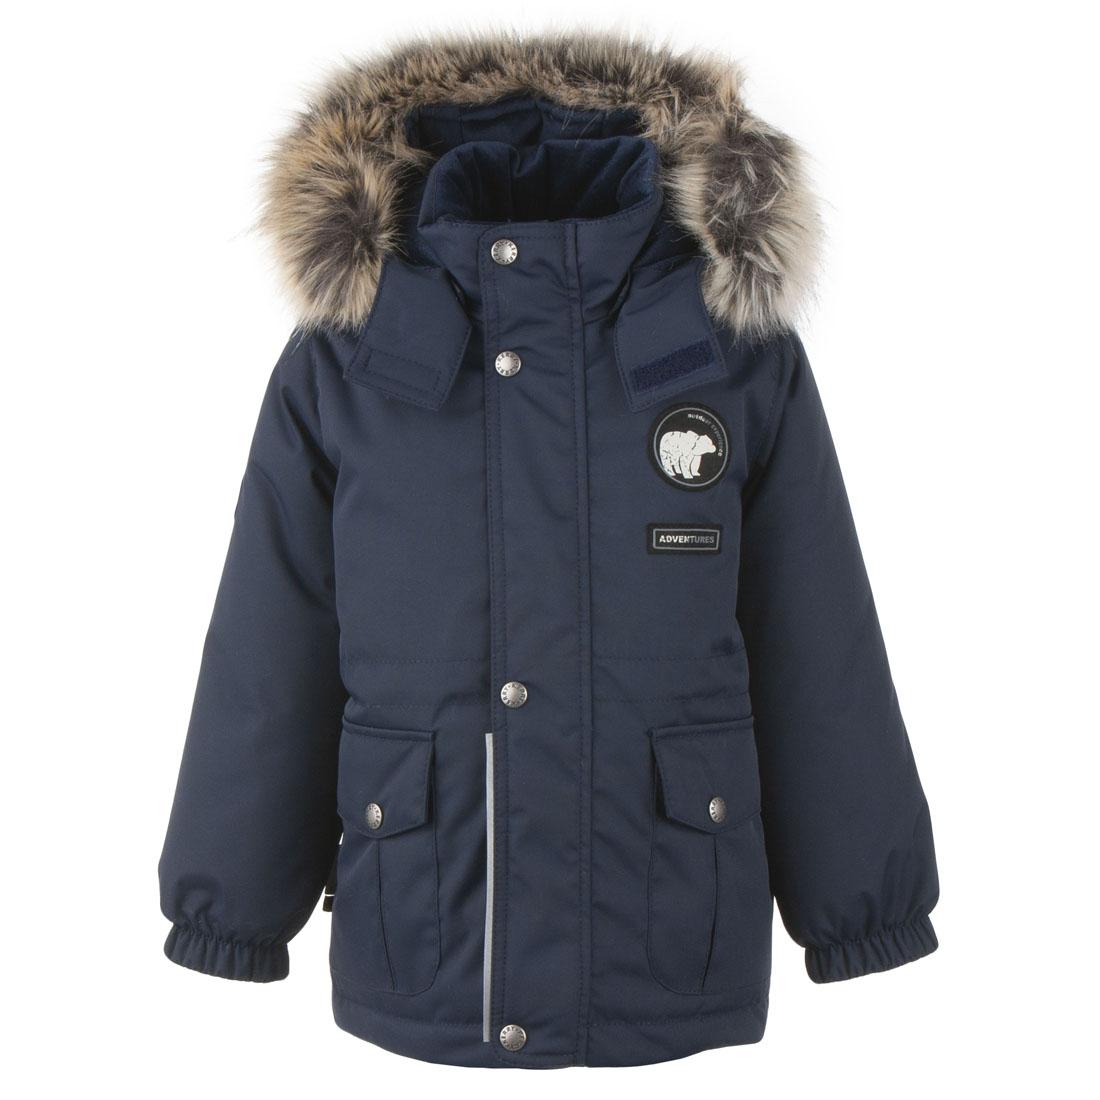 Купить Куртка-парка для мальчиков KERRY MOSS K20439, размер 104,